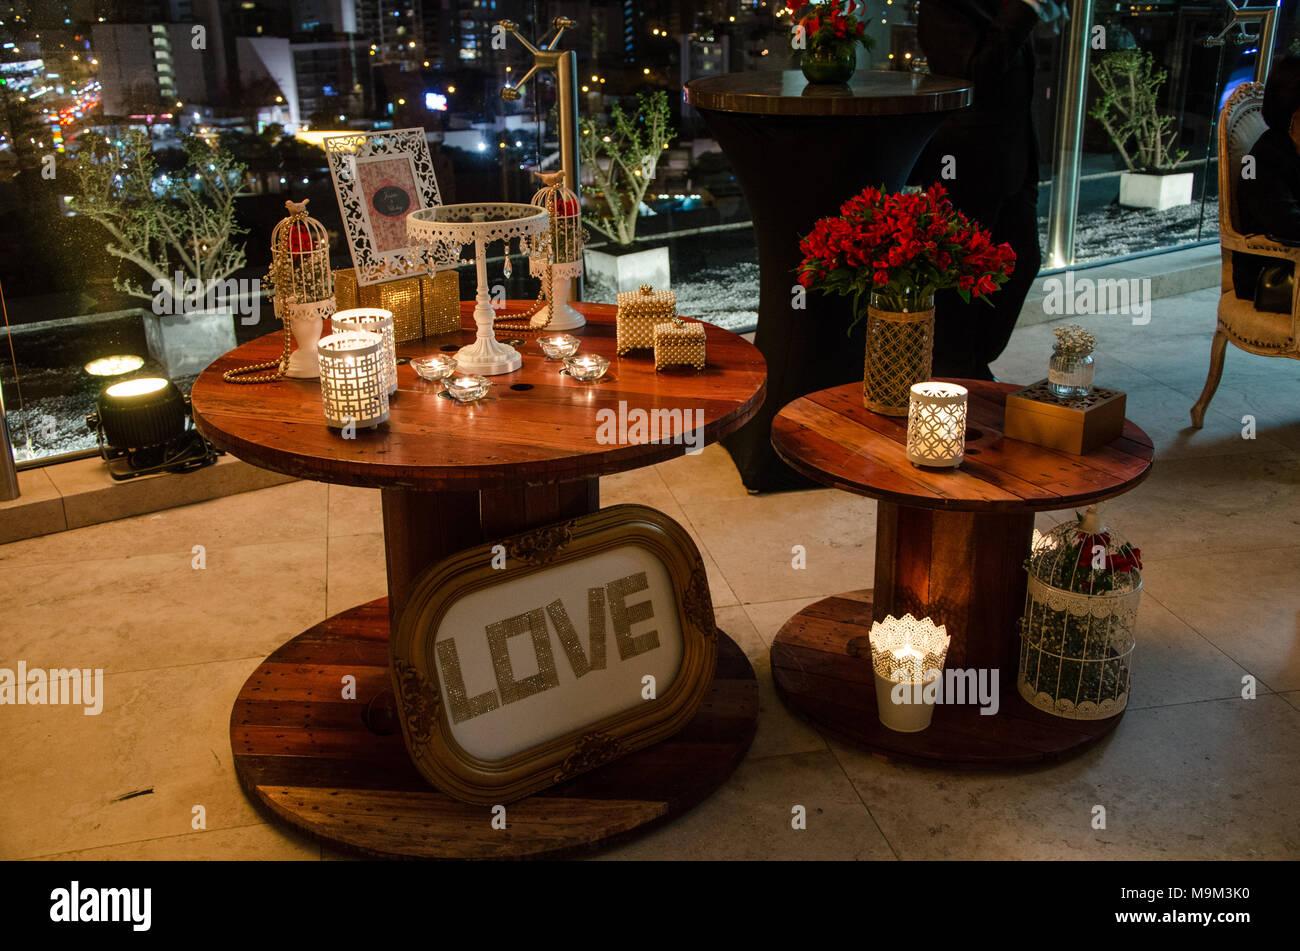 Vintage Hochzeit Dekoration Mit Liebe Bilder Stockfoto Bild